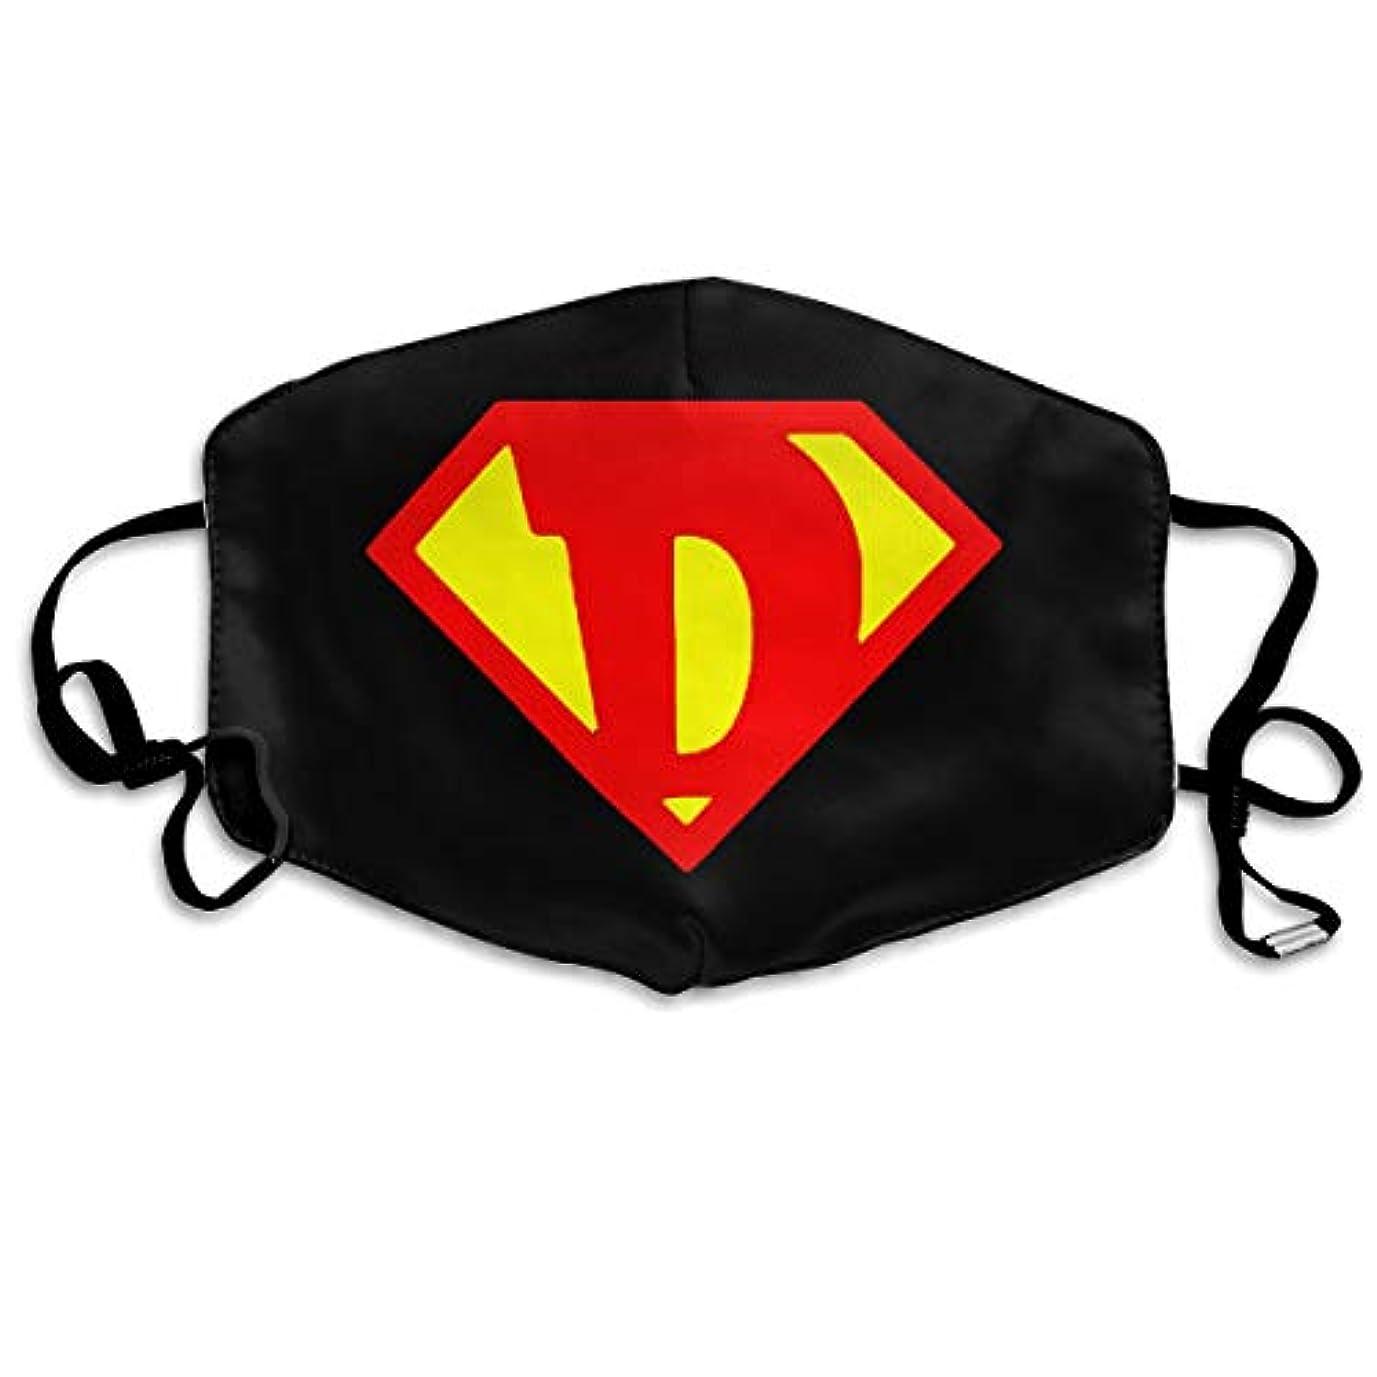 広く困惑する排泄するMorningligh スーパーマン マーク マスク 使い捨てマスク ファッションマスク 個別包装 まとめ買い 防災 避難 緊急 抗菌 花粉症予防 風邪予防 男女兼用 健康を守るため